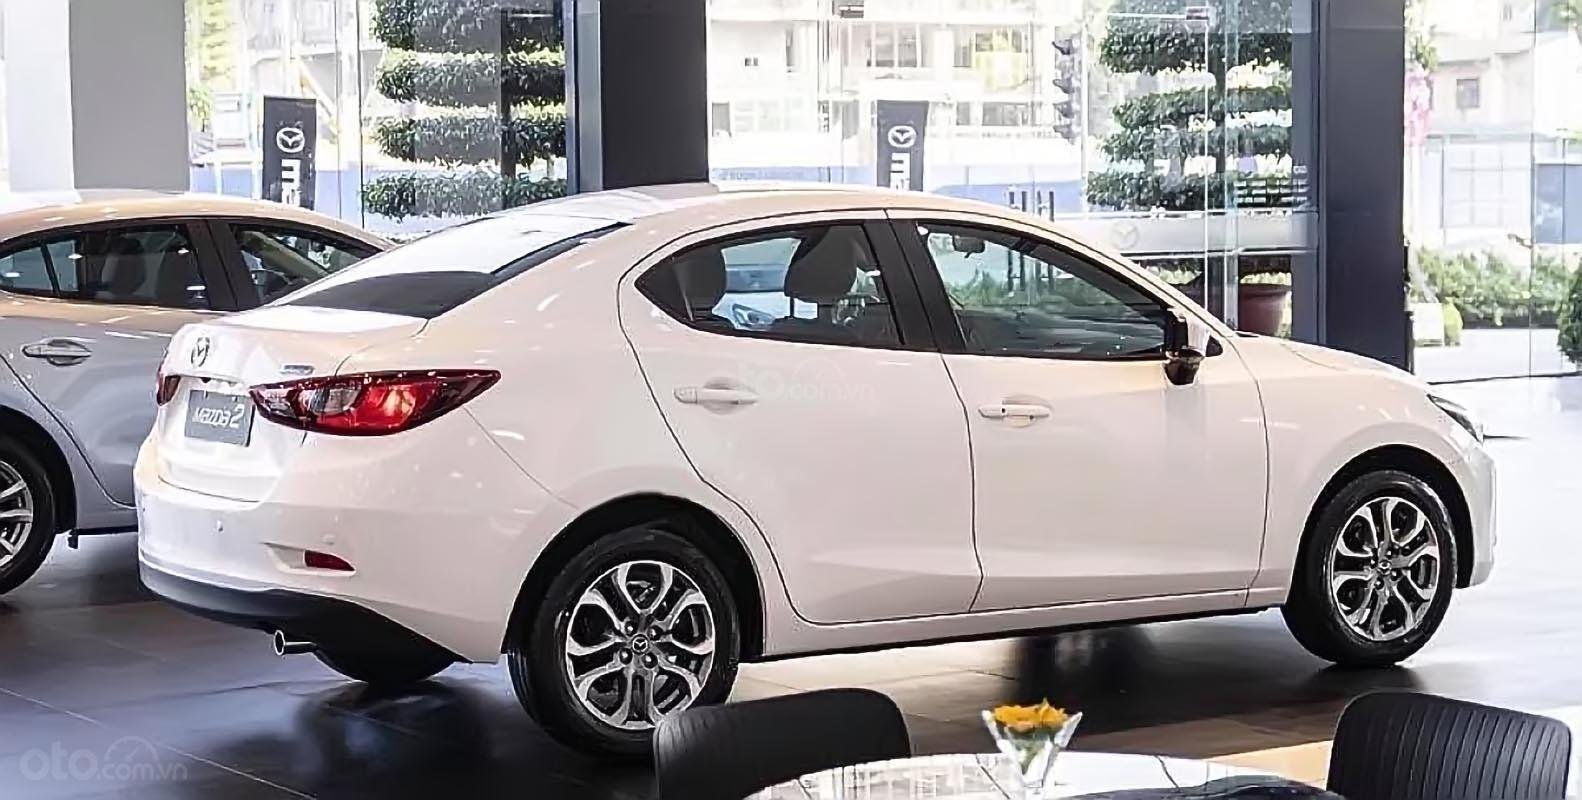 Bán xe Mazda 2 Premium sản xuất 2019, màu trắng, nhập khẩu Thái Lan, giá cạnh tranh-1